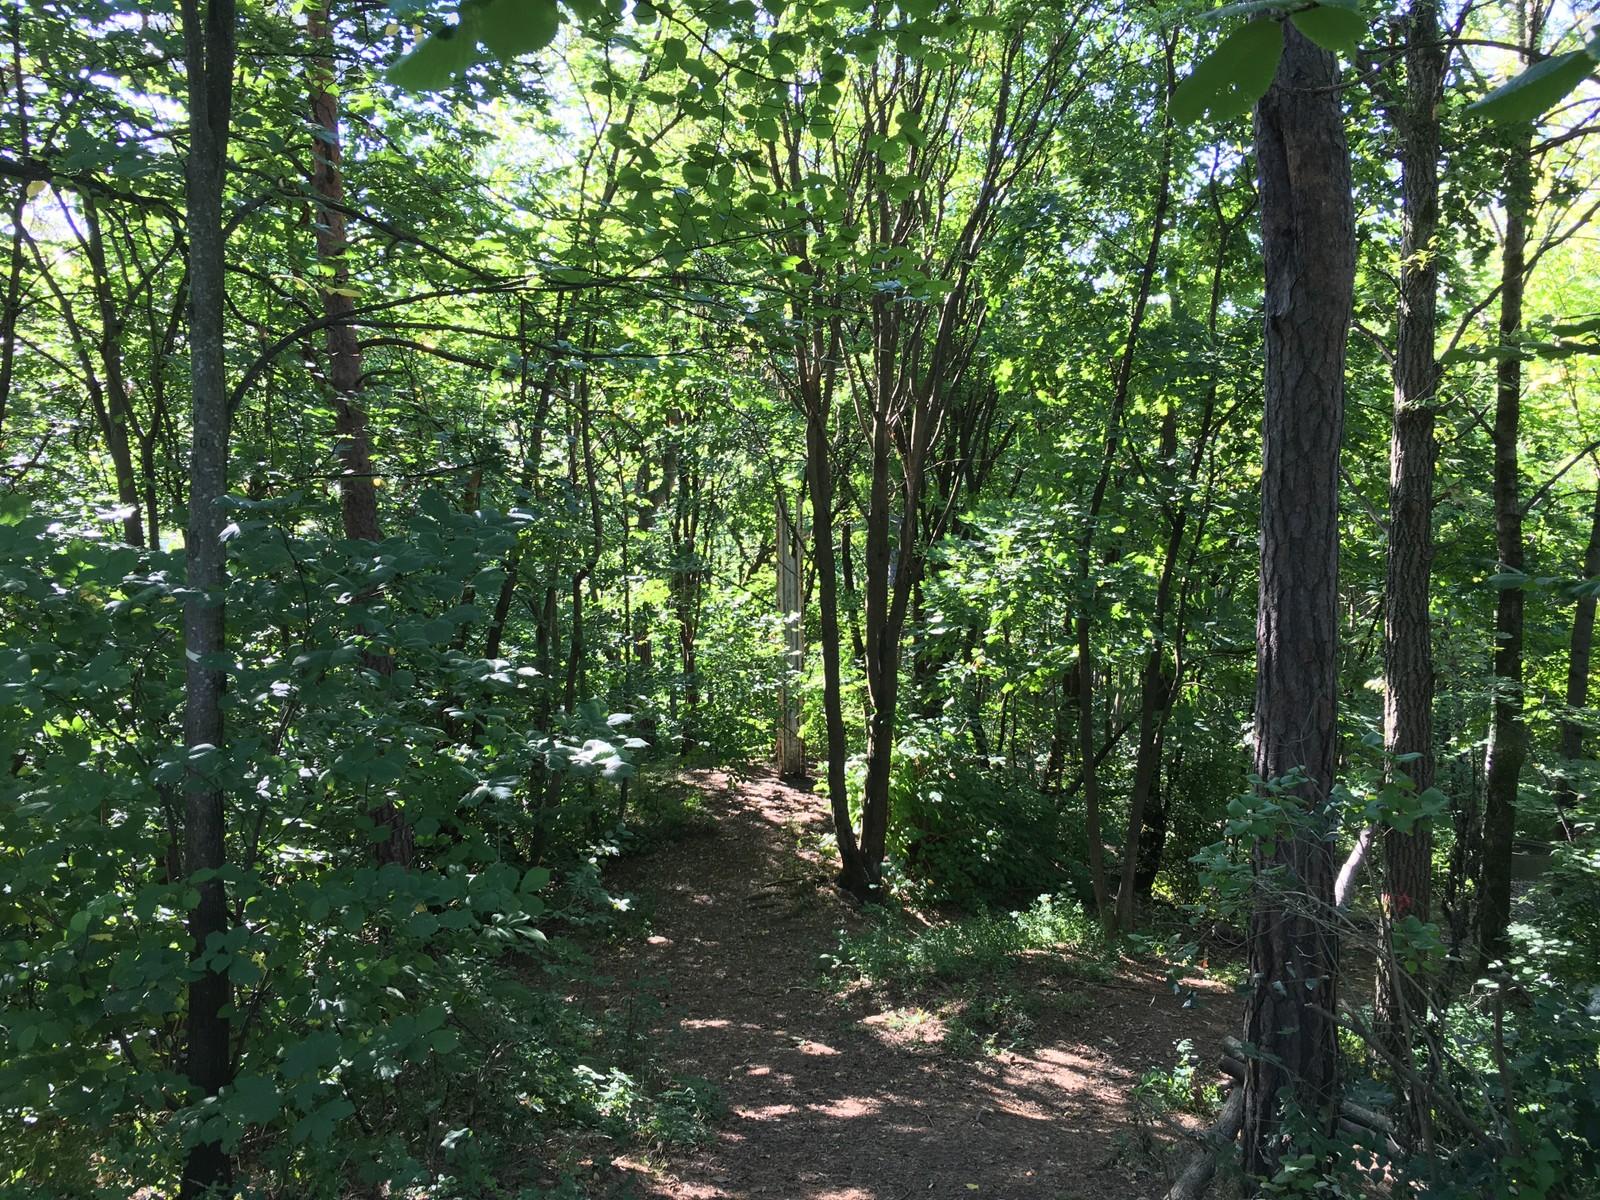 Skogen der Bjarne Melgaard vil bygge dødshuset. Per Maning kaller den Munch-skogen, byantikvaren Hakkebakkeskogen.